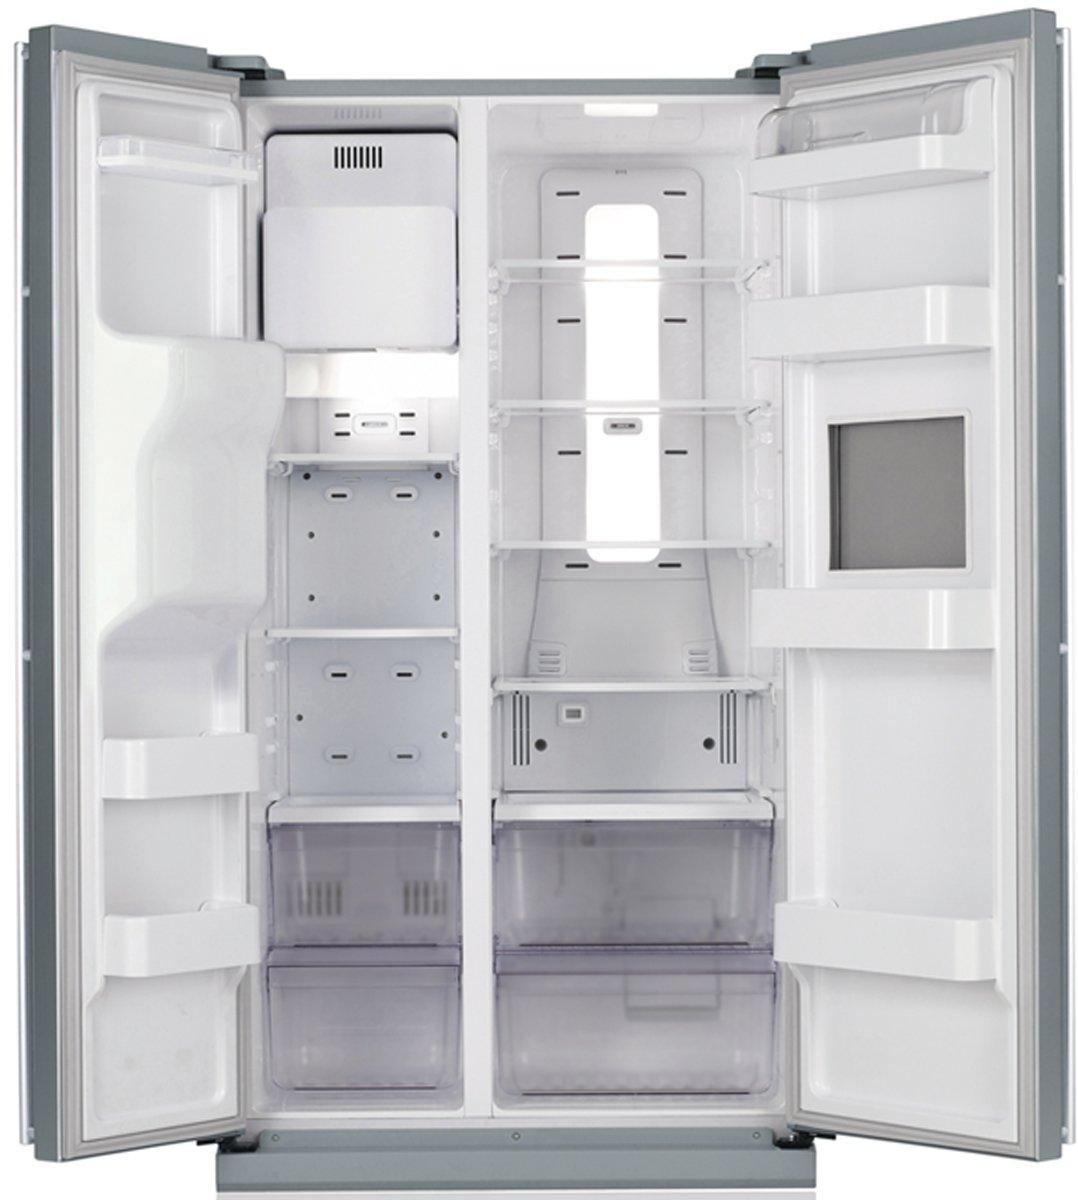 Samsung Srs580dhls 580l Side By Side Fridge Appliances Online